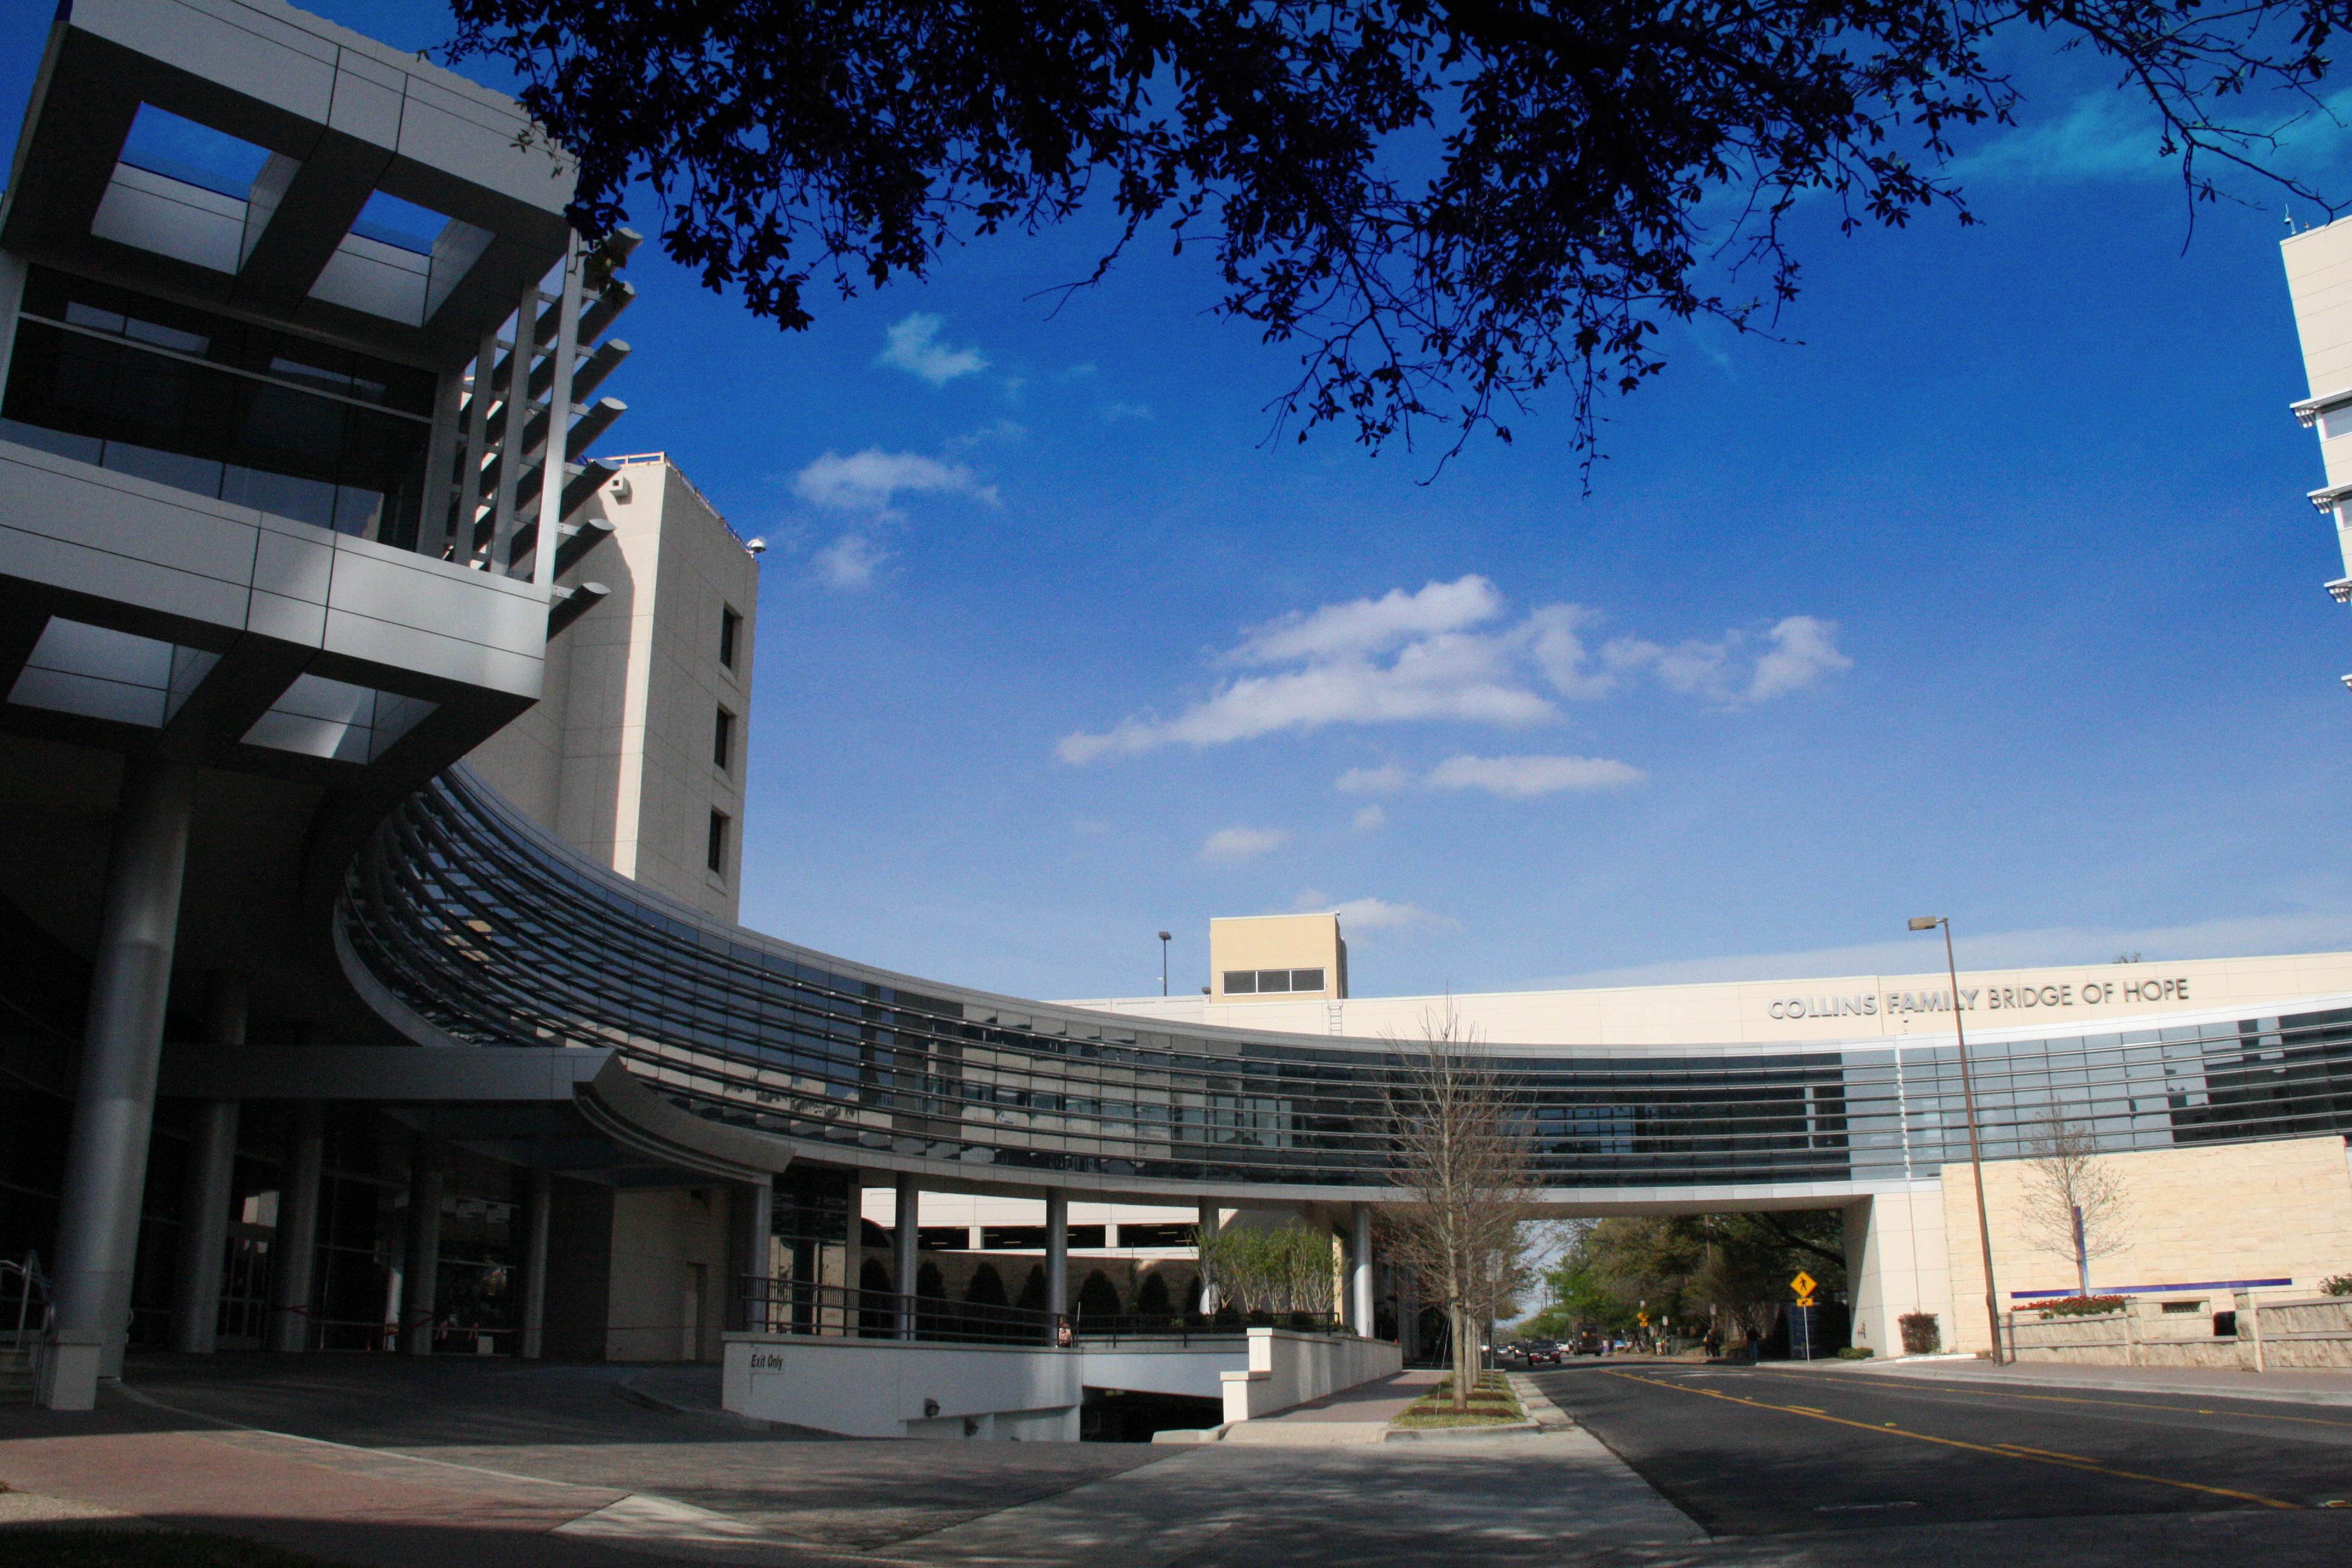 RLG Baylor University Medical Center - T Boone Pickens Cancer Hospital